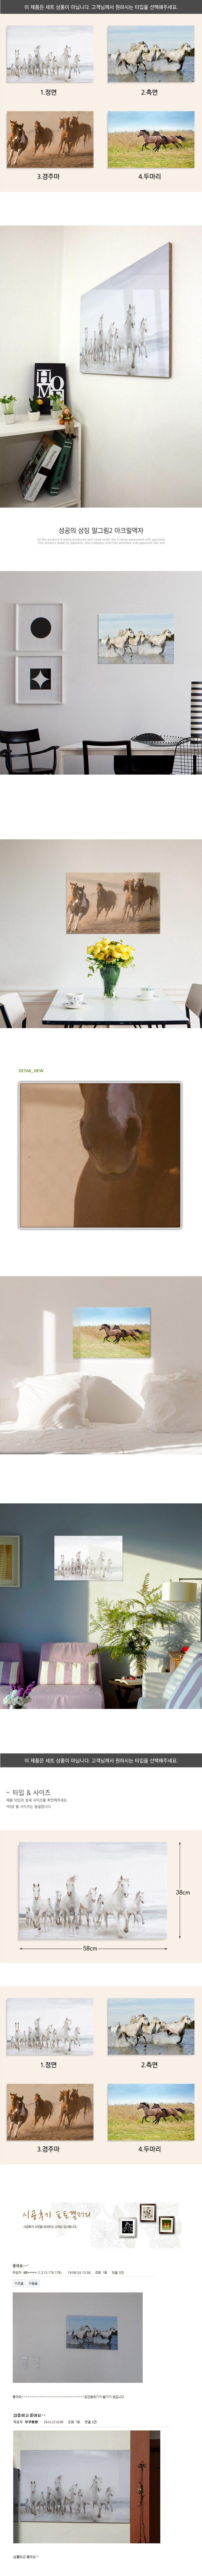 아크릴액자_성공의상징말그림2 - 꾸밈, 33,600원, 홈갤러리, 사진아트